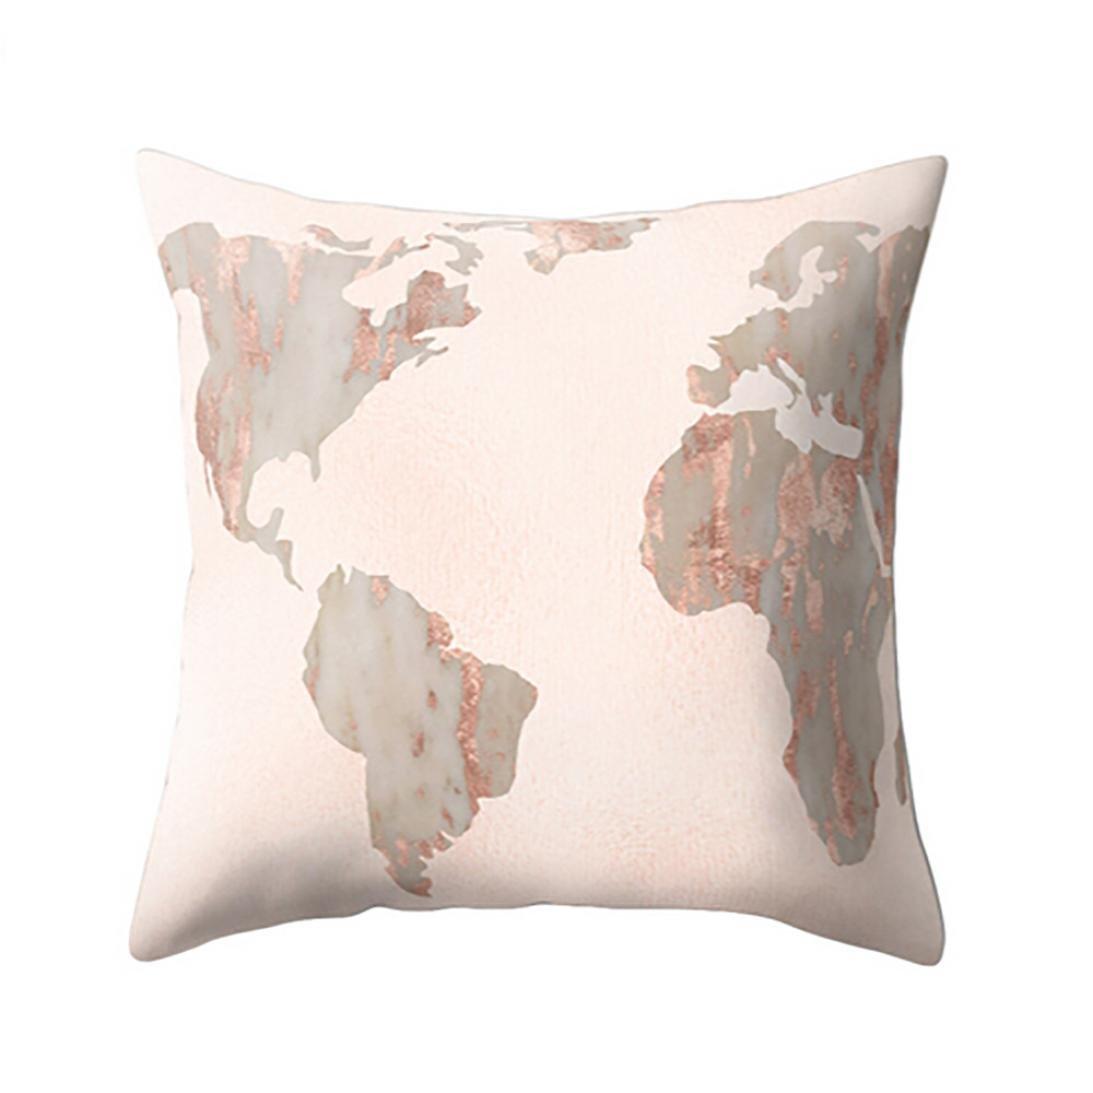 samlike kissenbezug, marbre Texture géométrique Coussin décoratif cas housse de coussin canapé Home Decor A